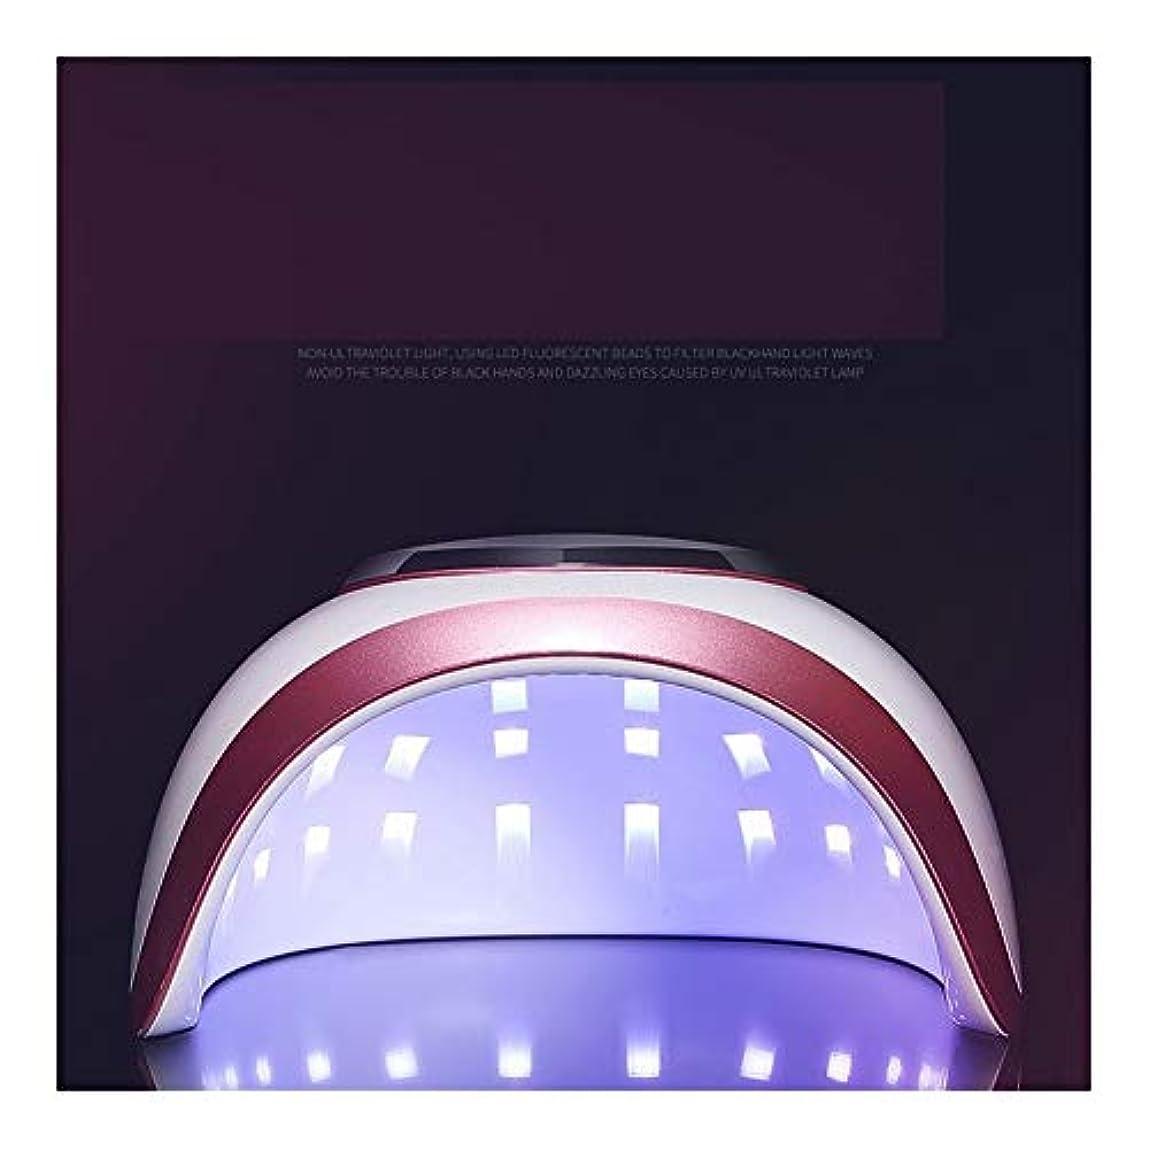 分類第三起きているLittleCat 釘LEDランプライト療法機ドライヤーネイルグルーヒートランプ72W速乾性モードインテリジェントセンサー無痛 (色 : 72W red edge European regulations)